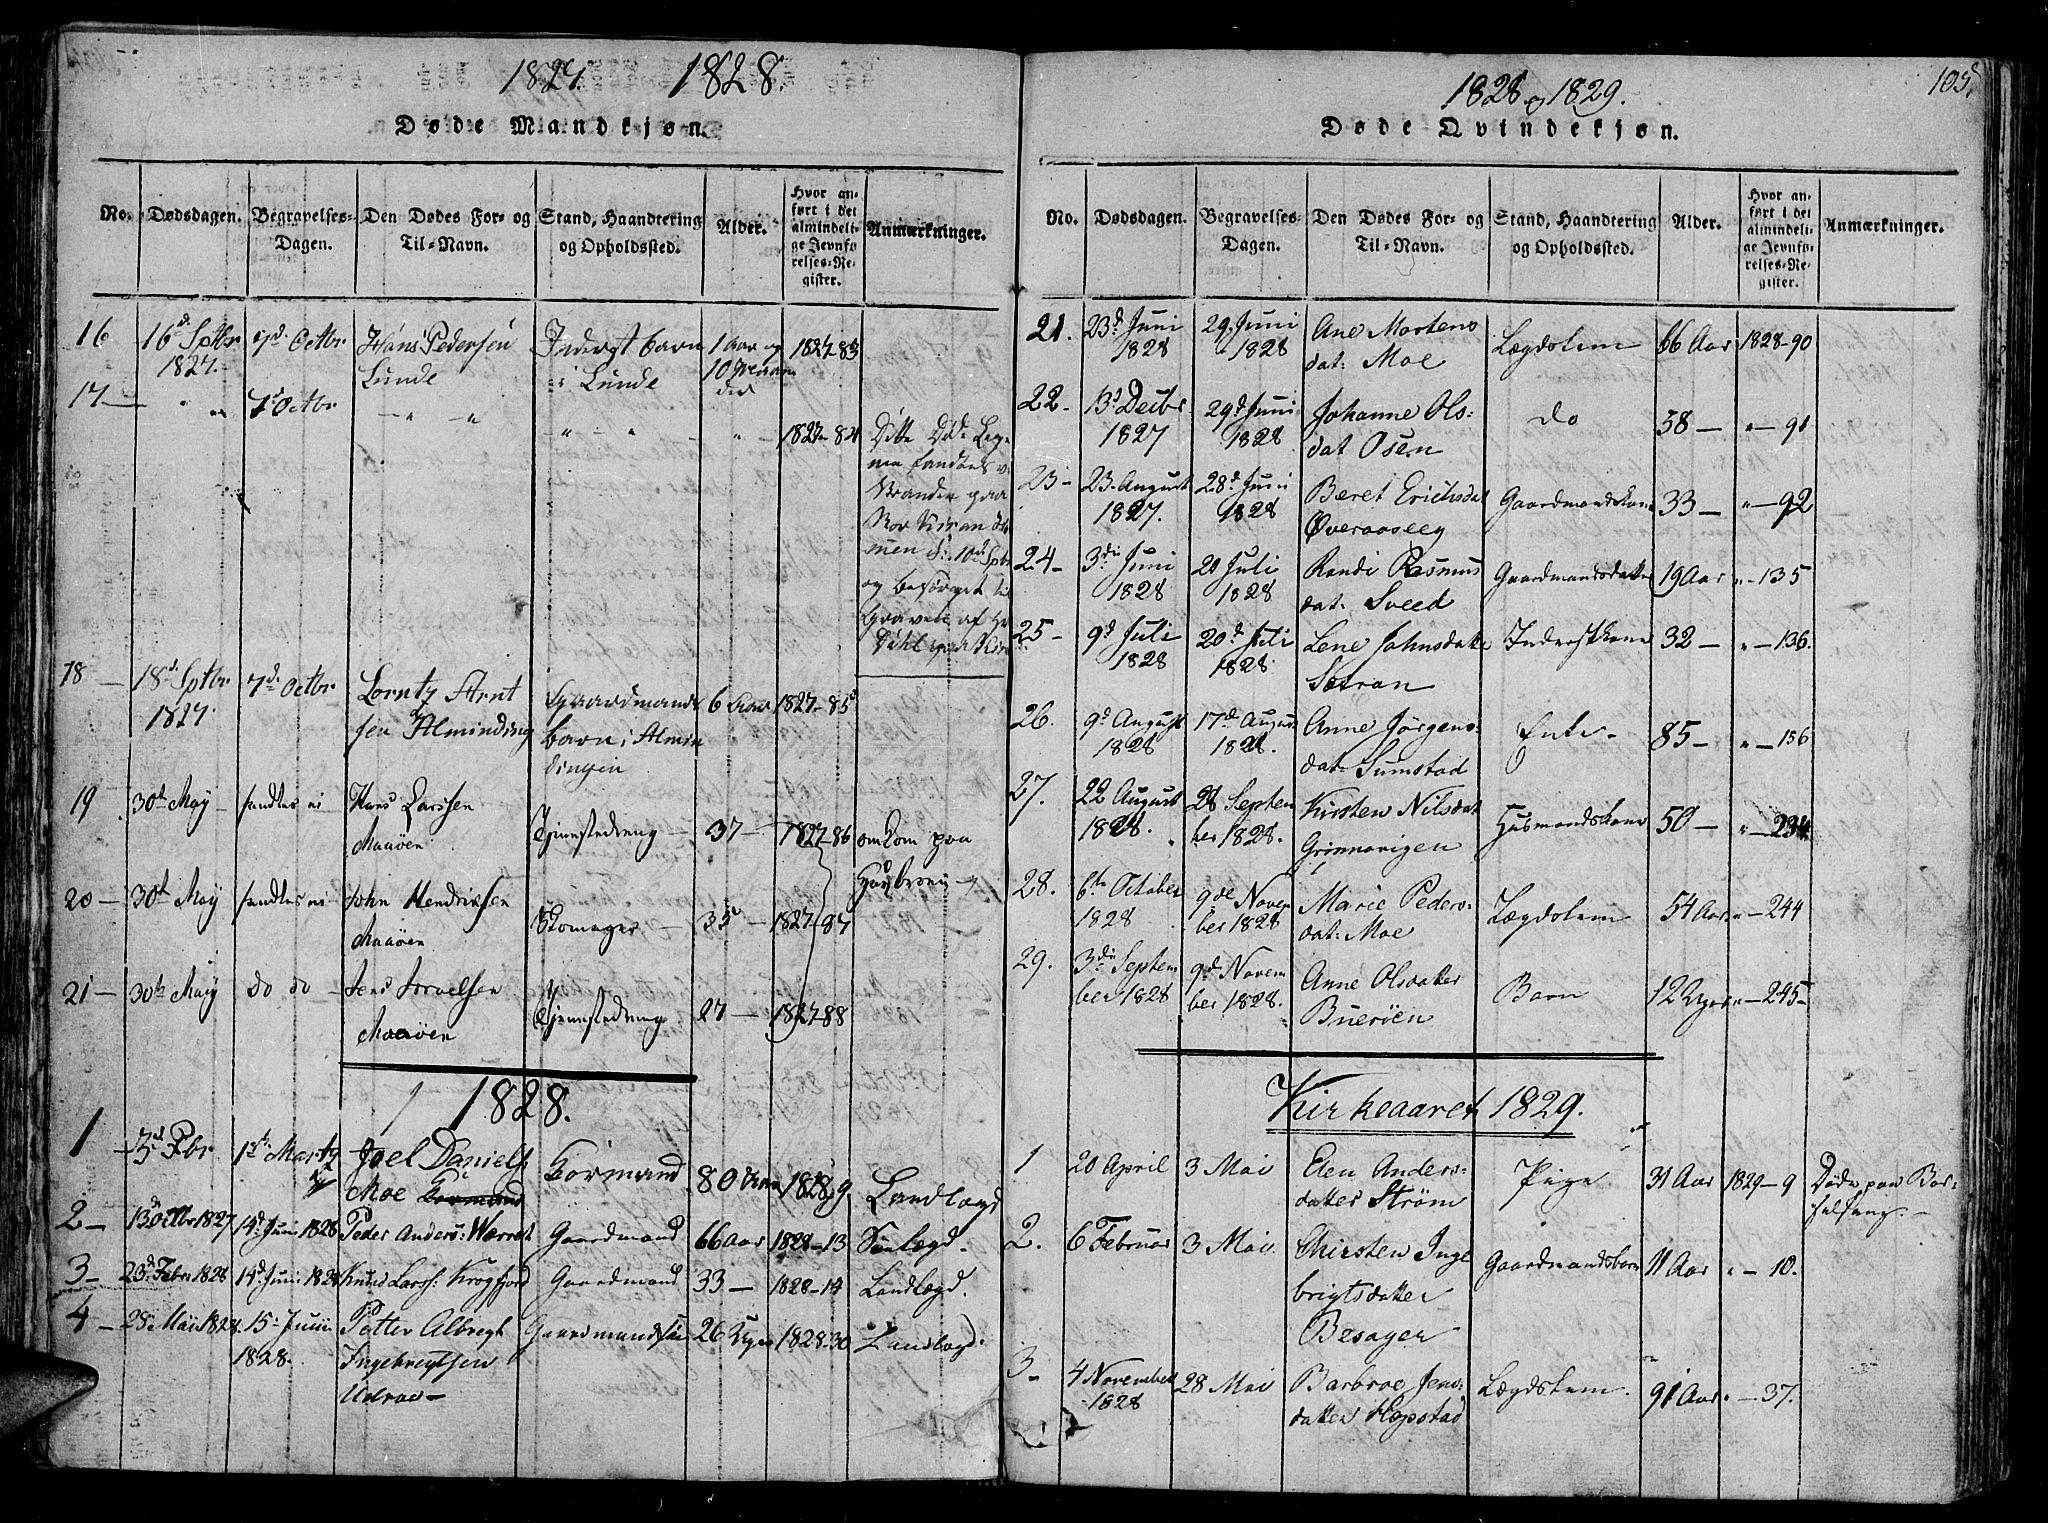 SAT, Ministerialprotokoller, klokkerbøker og fødselsregistre - Sør-Trøndelag, 657/L0702: Ministerialbok nr. 657A03, 1818-1831, s. 105